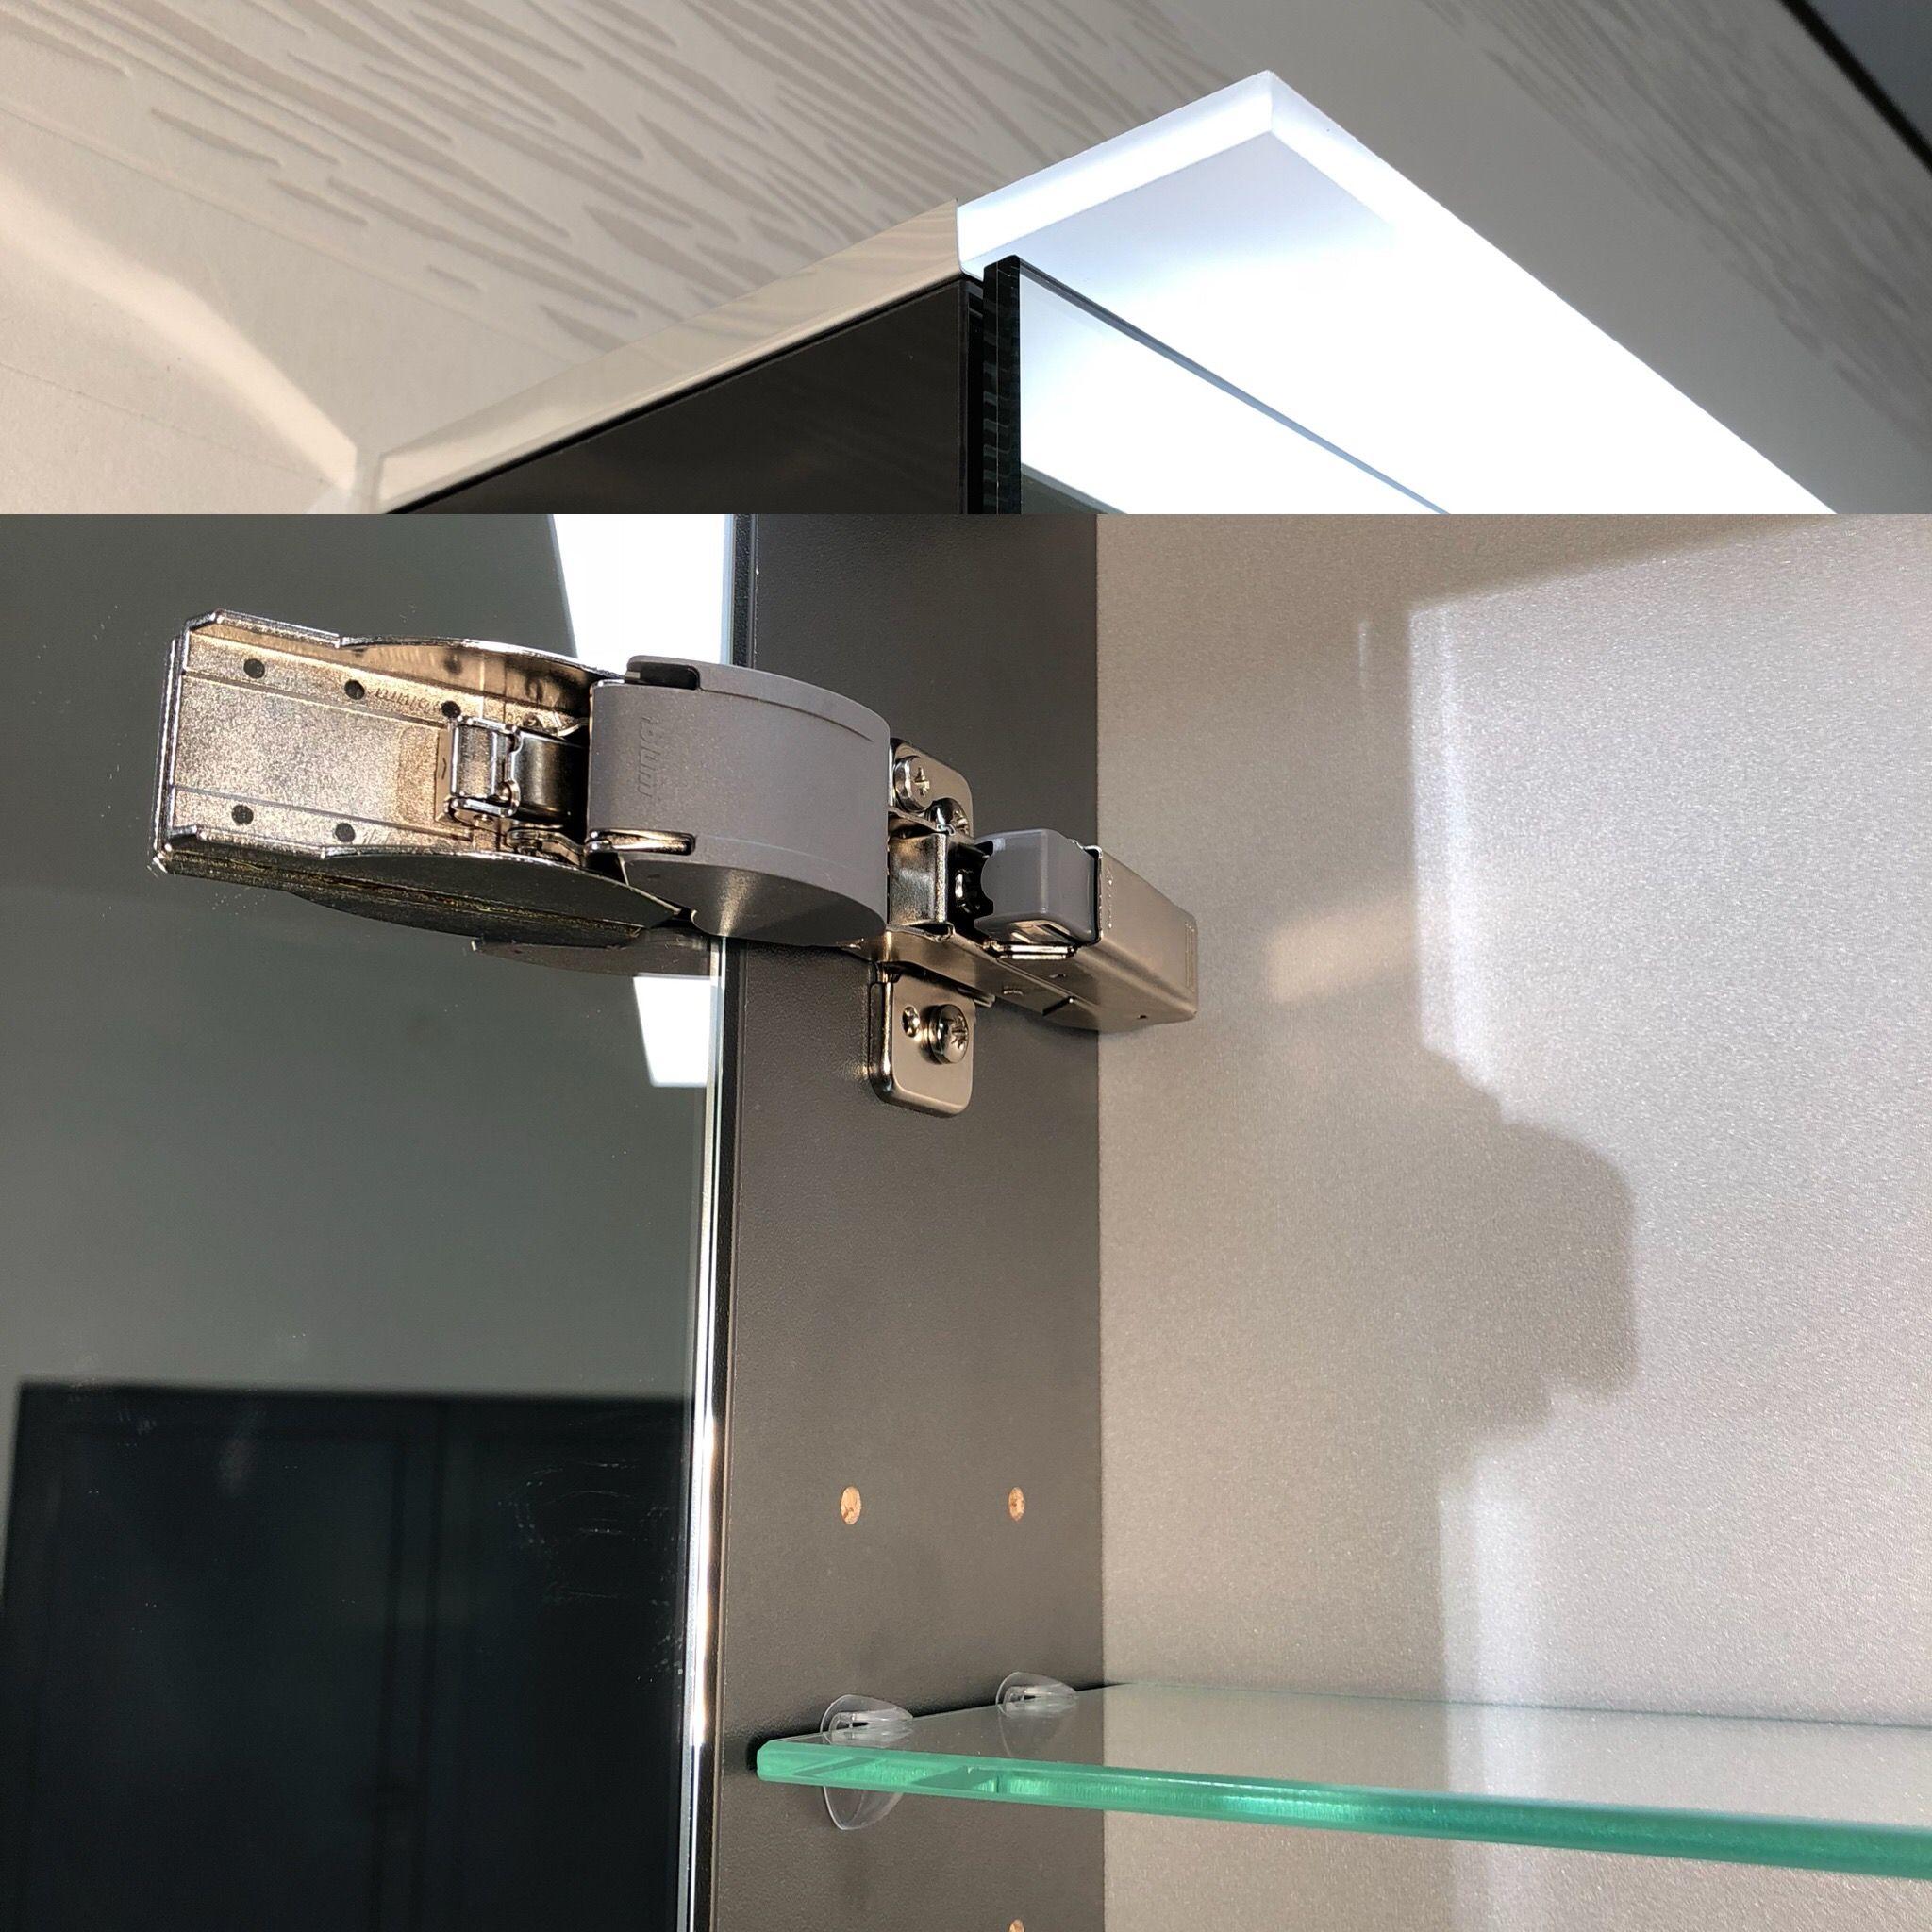 Bad Spiegelschrank Mit Heller Oder Gedimmter Beleuchtung Led Als State Of The Art Das Optimale Bad Spiegelschrank Spiegelschrank Beleuchtung Badezimmer Licht